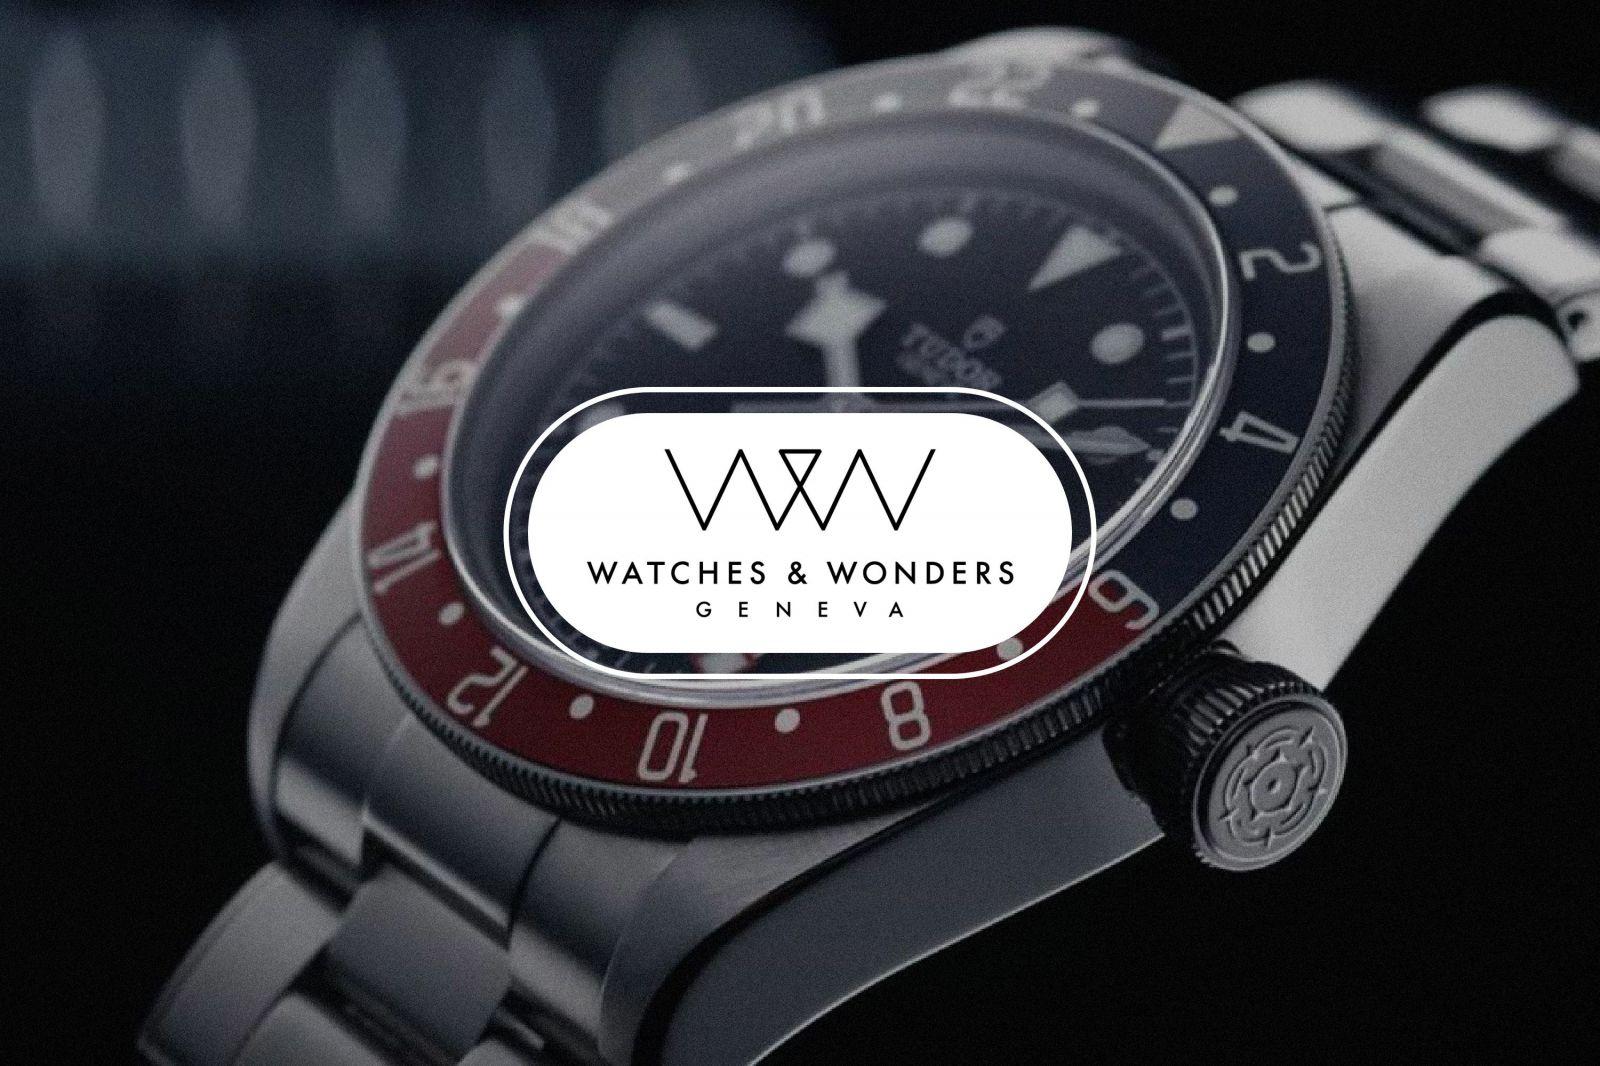 Watches And Wonders Geneva 2021 được kỳ vọng là sự thay đổi của ngành công nghiệp đồng hồ Thụy Sĩ.